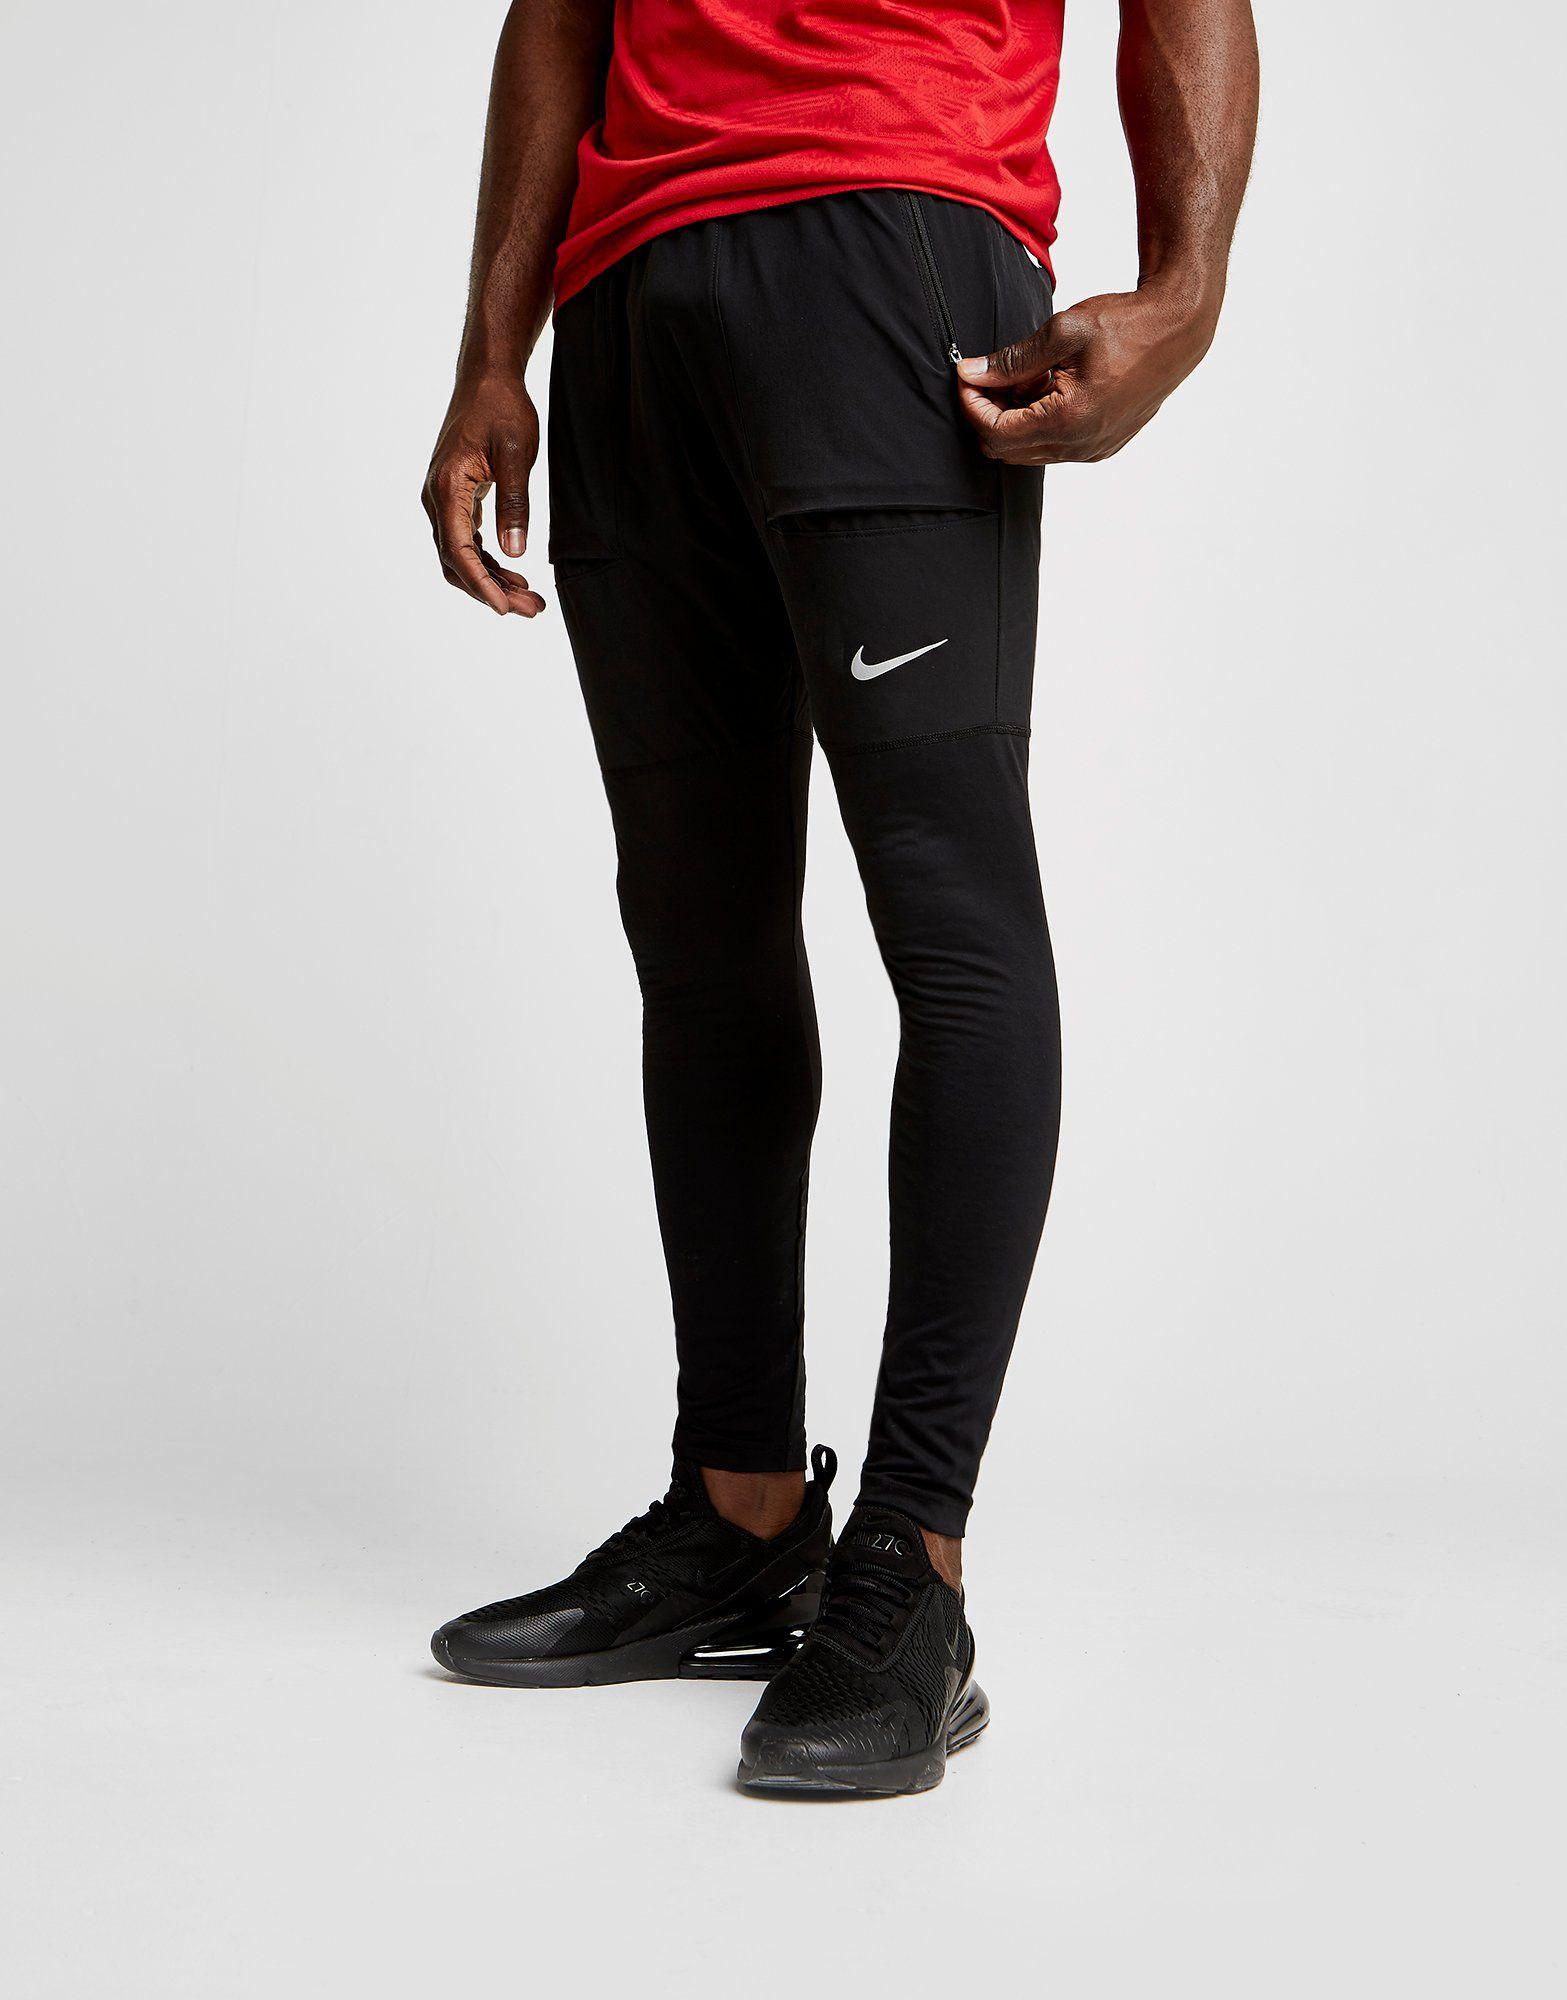 Nike Hybrid Slim Pants